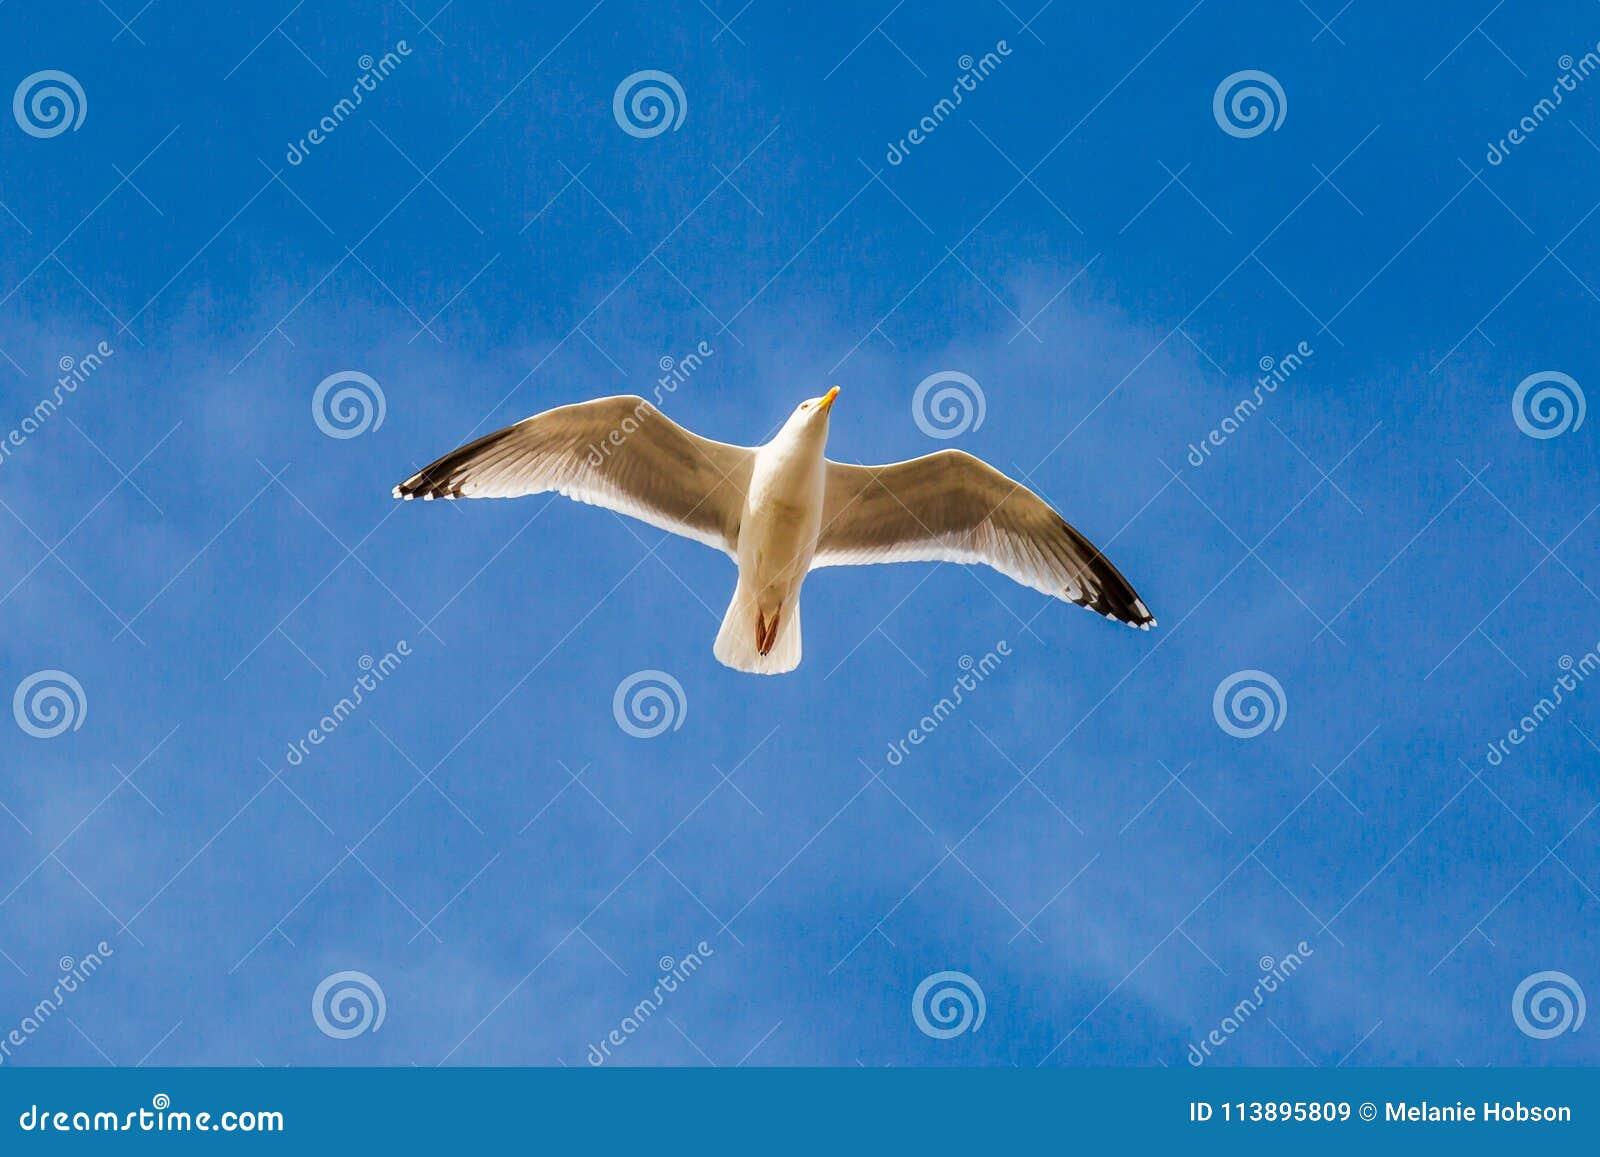 Eine Seemöwe im Flug